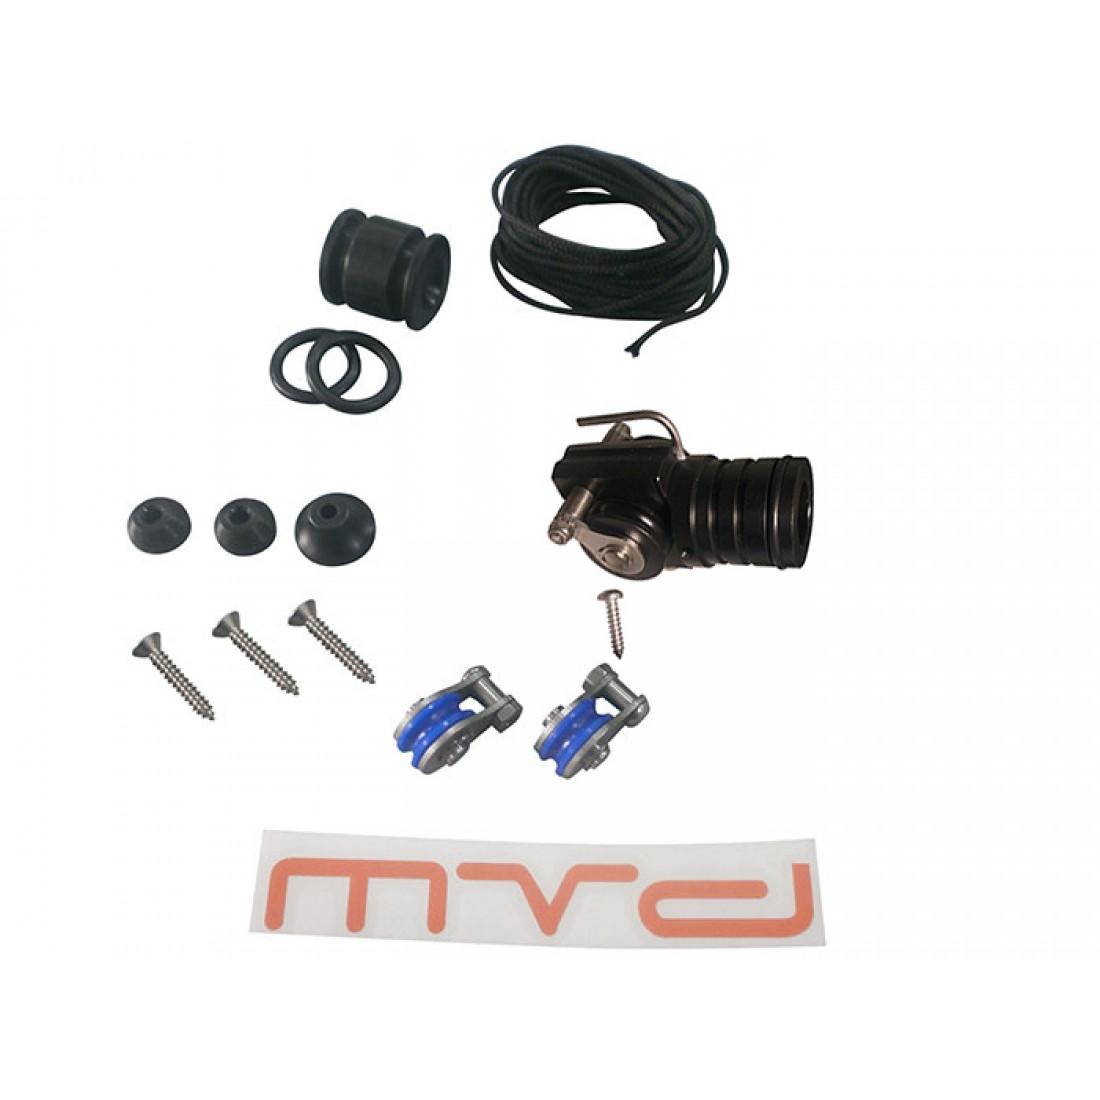 mvd_inv_roller_kit_g2